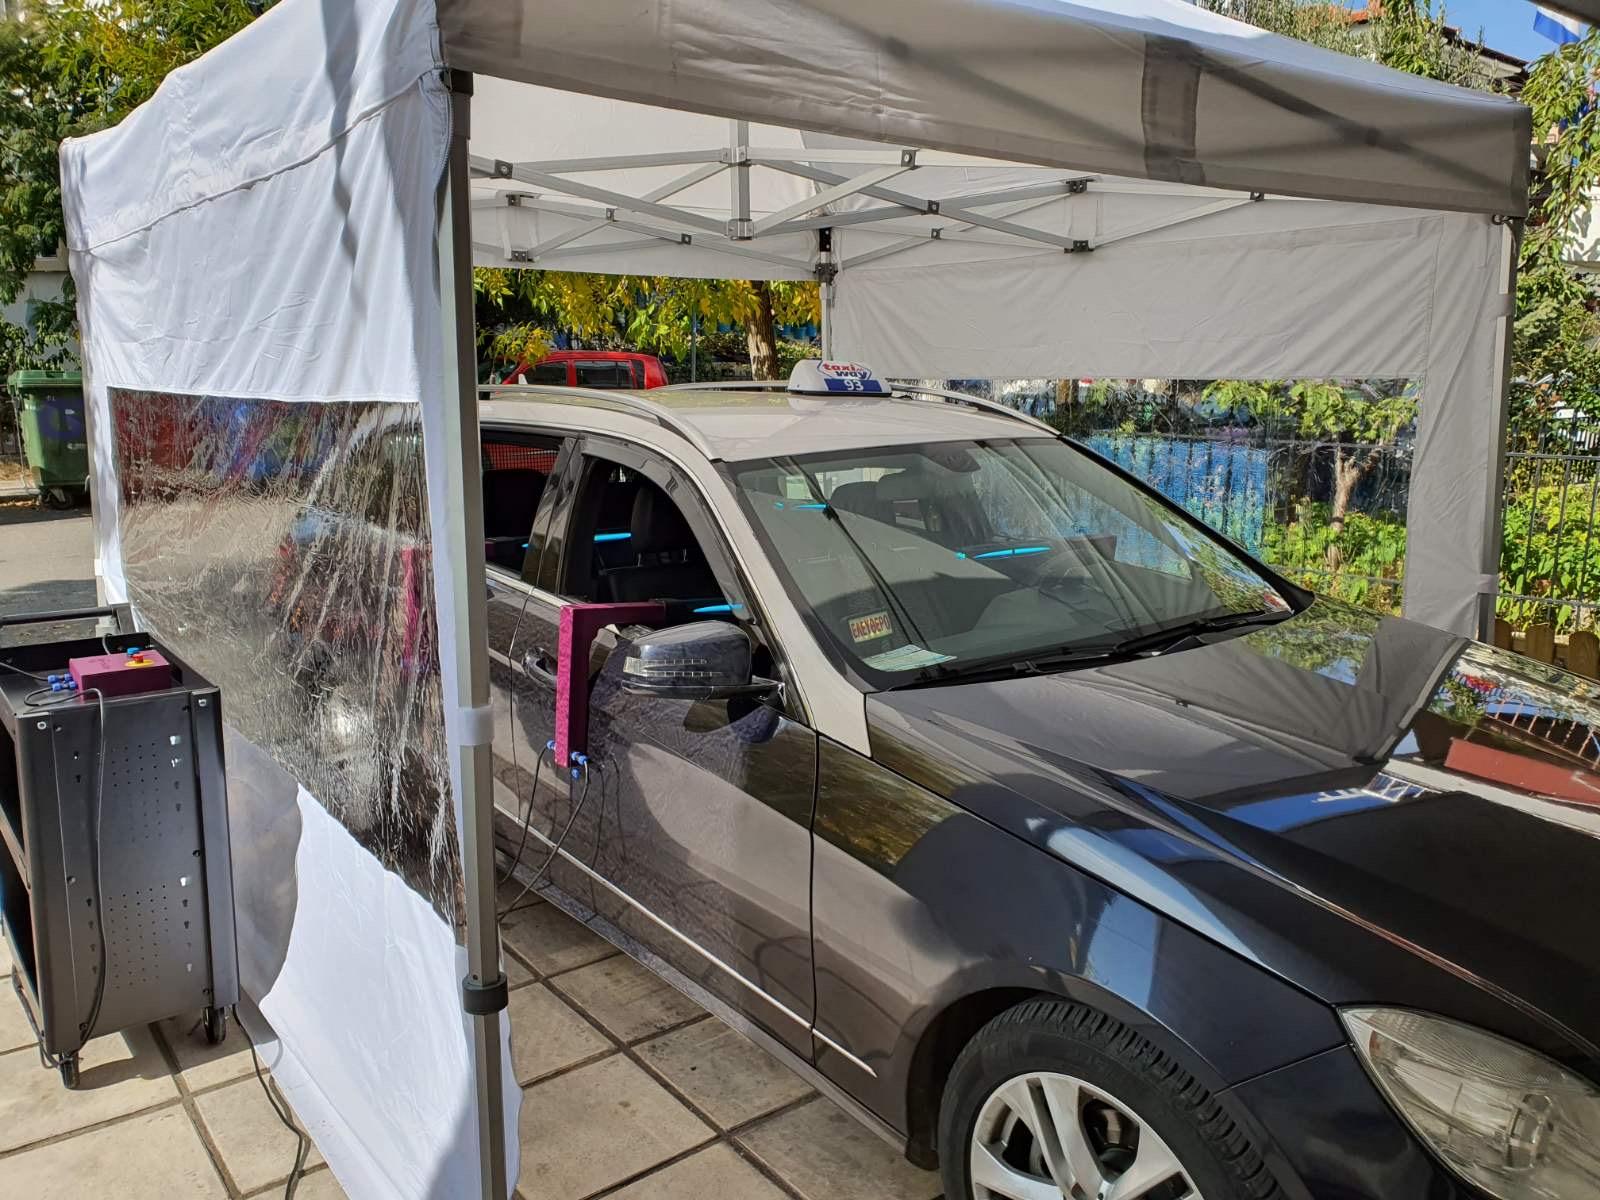 Θεσσαλονίκη: Οι οδηγοί ταξί που κερδίζουν τις εντυπώσεις – Η δωρεάν μεταφορά στο εμβολιαστικό κέντρο της ΔΕΘ